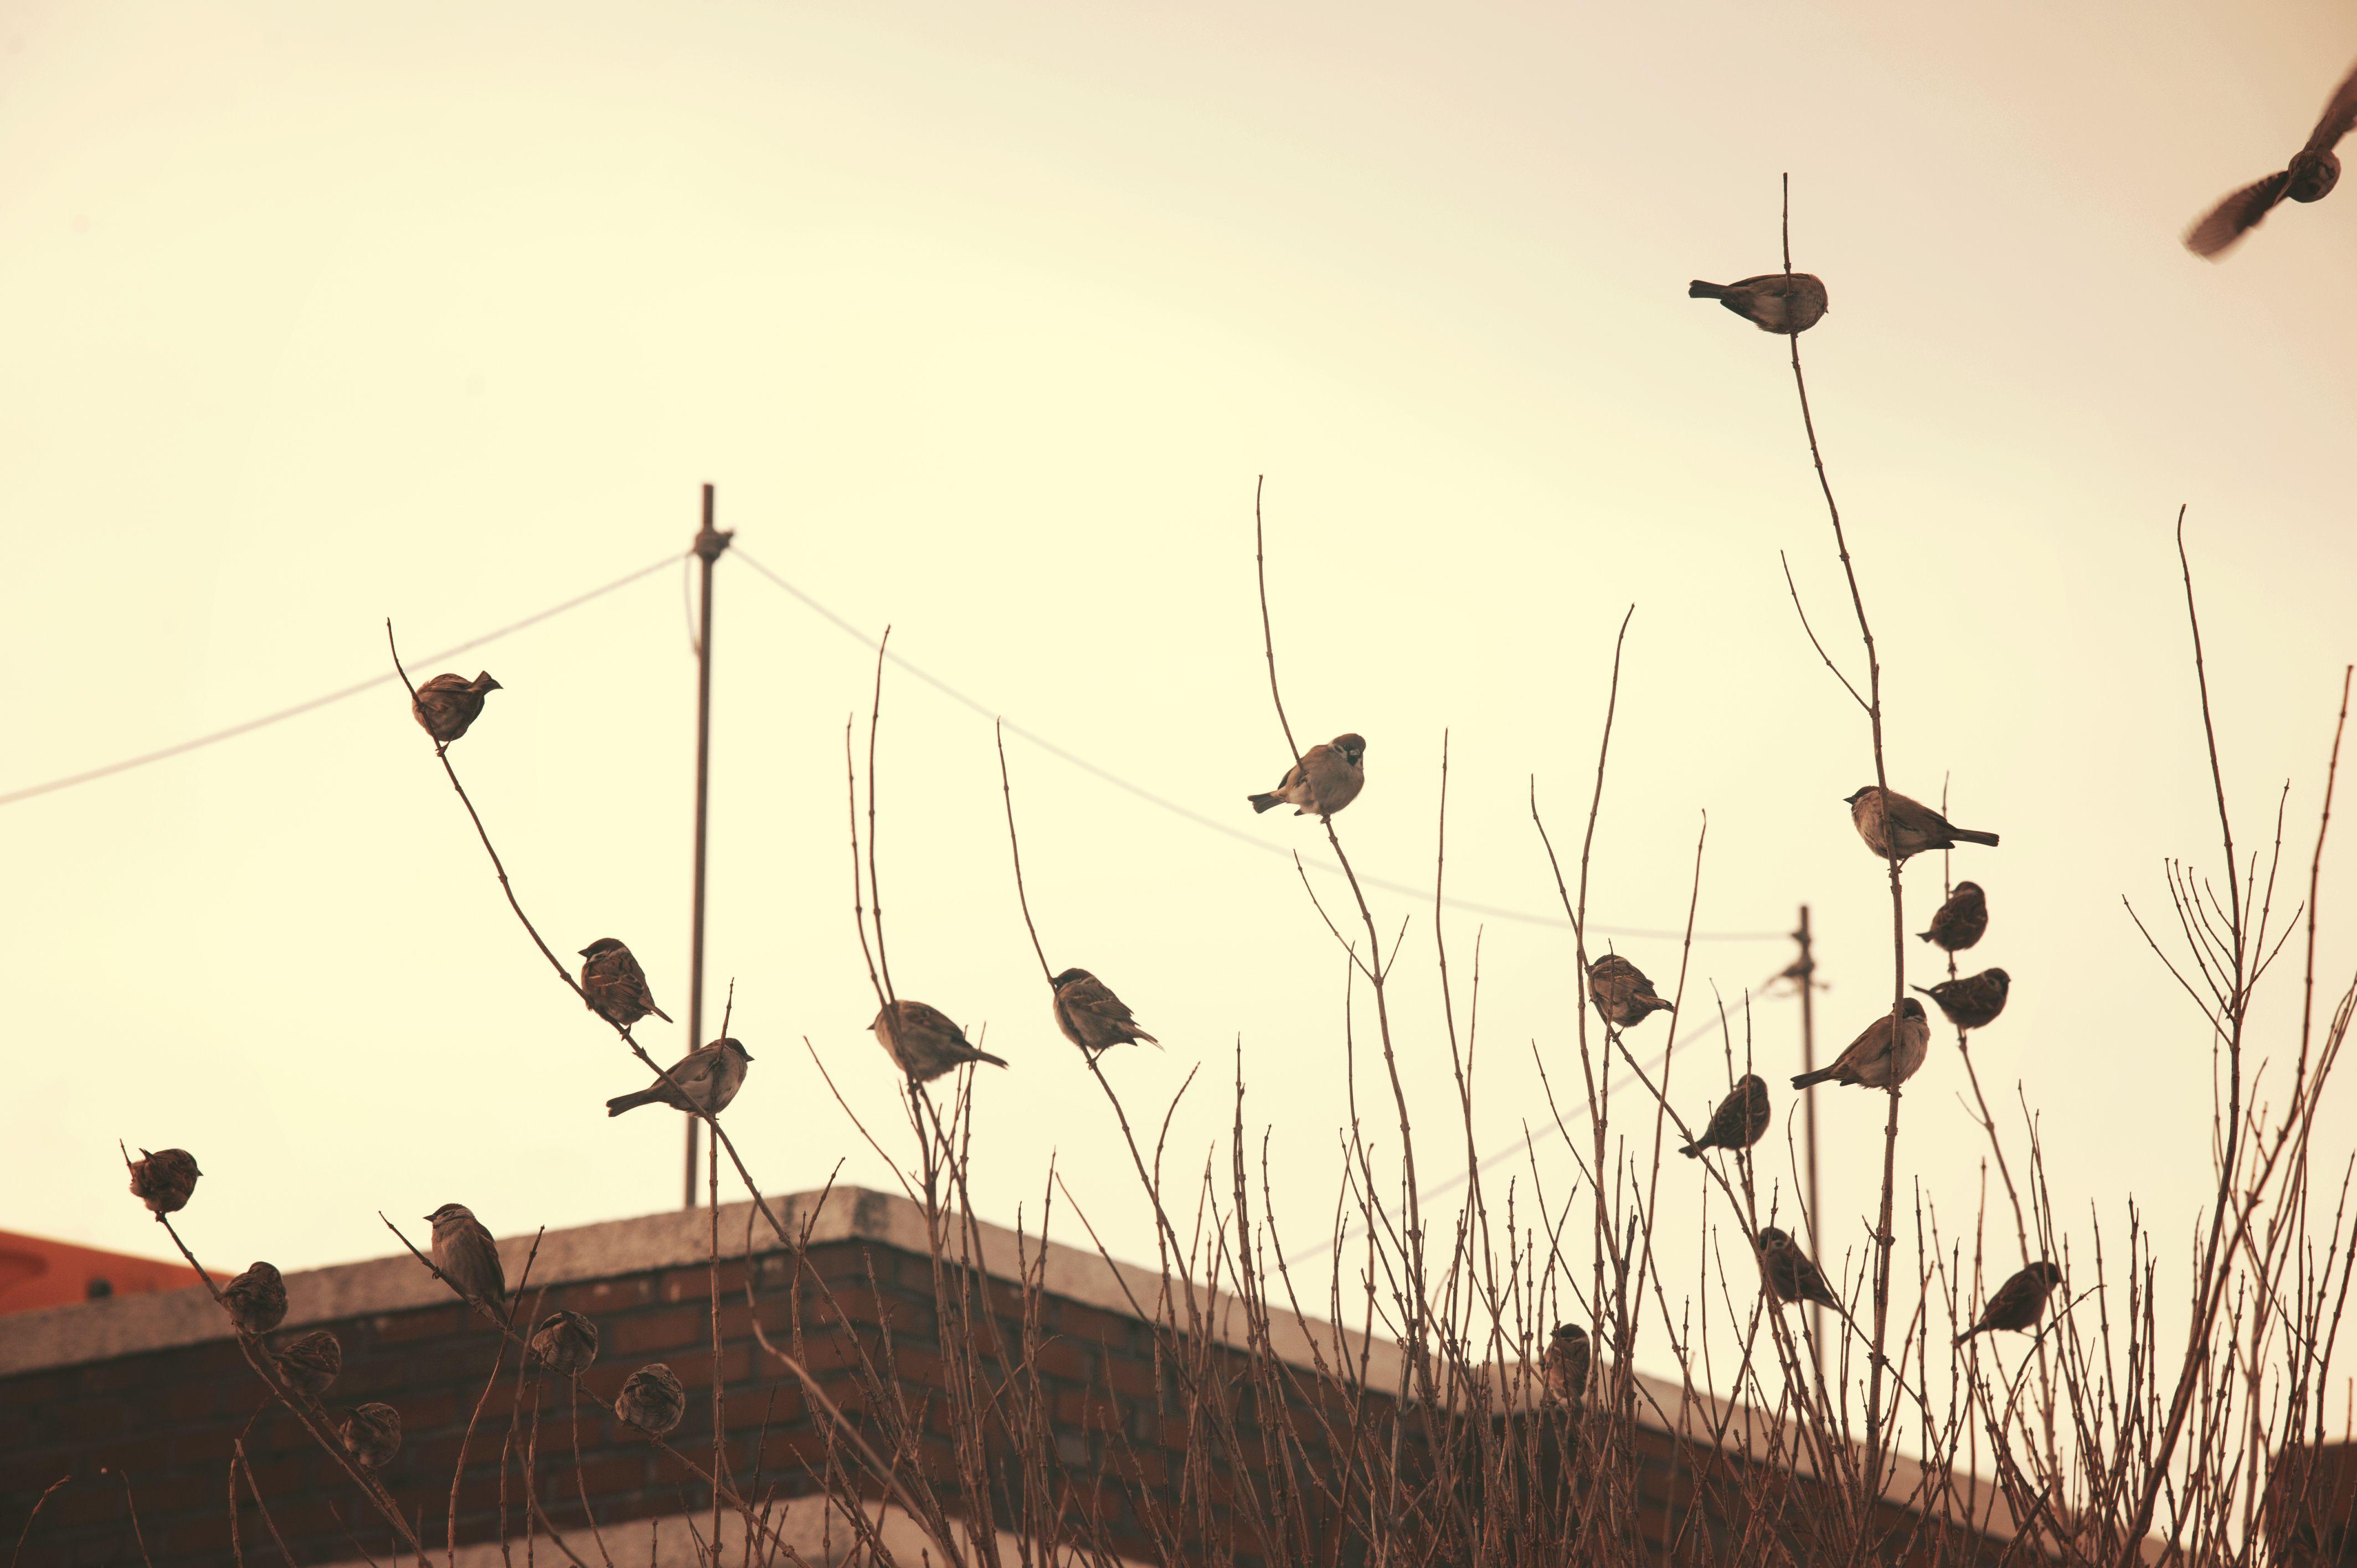 속초, Sokcho _ birds